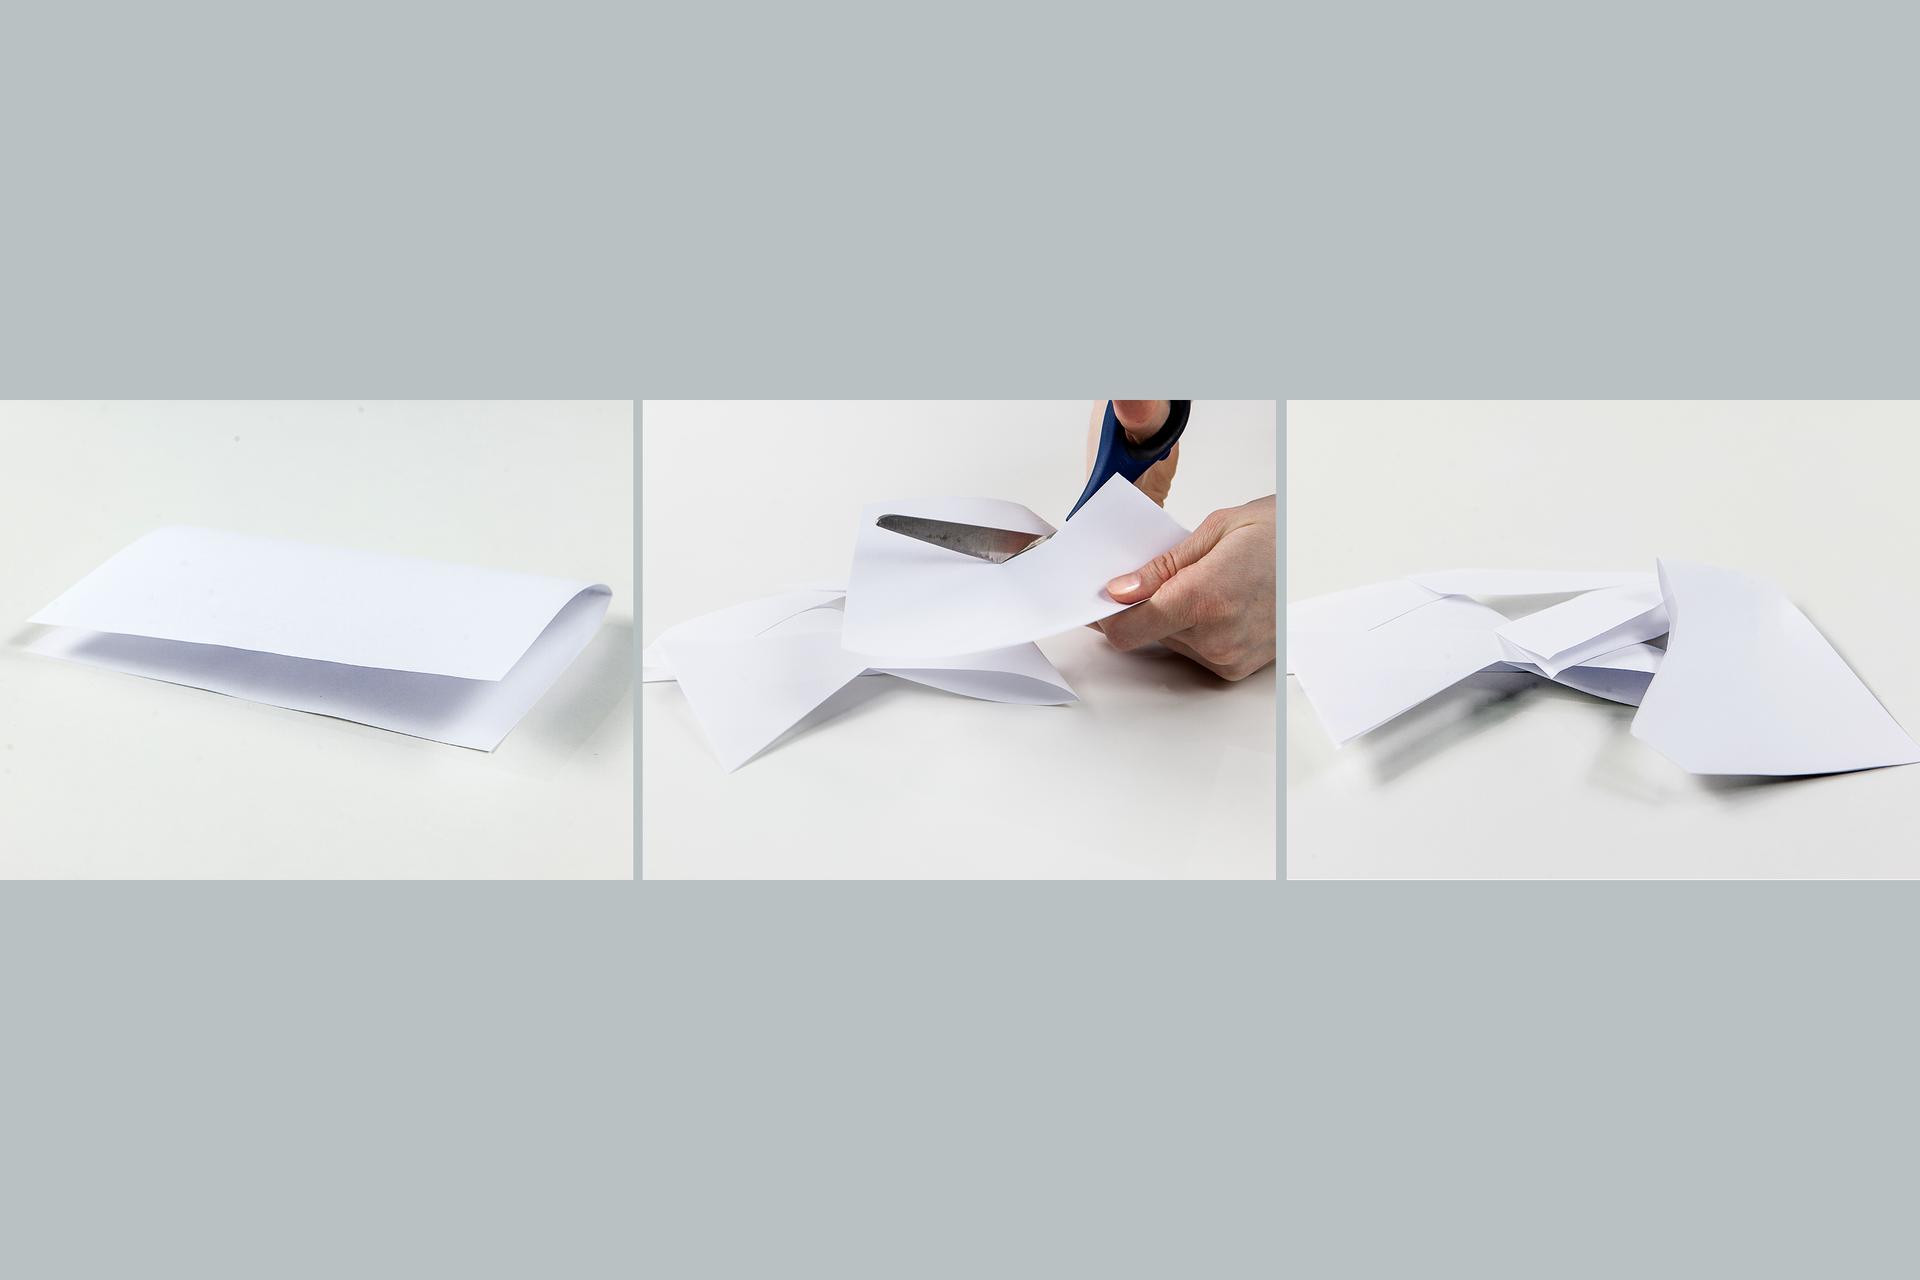 Ilustracja prezentuje trzy zdjęcia umieszczone obok siebie. Na pierwszym od lewej złożony papier leży na stole, na zdjęciu środkowym jest on cięty przez kogoś nożyczkami, ana prawym leży na stole wstrzępach.